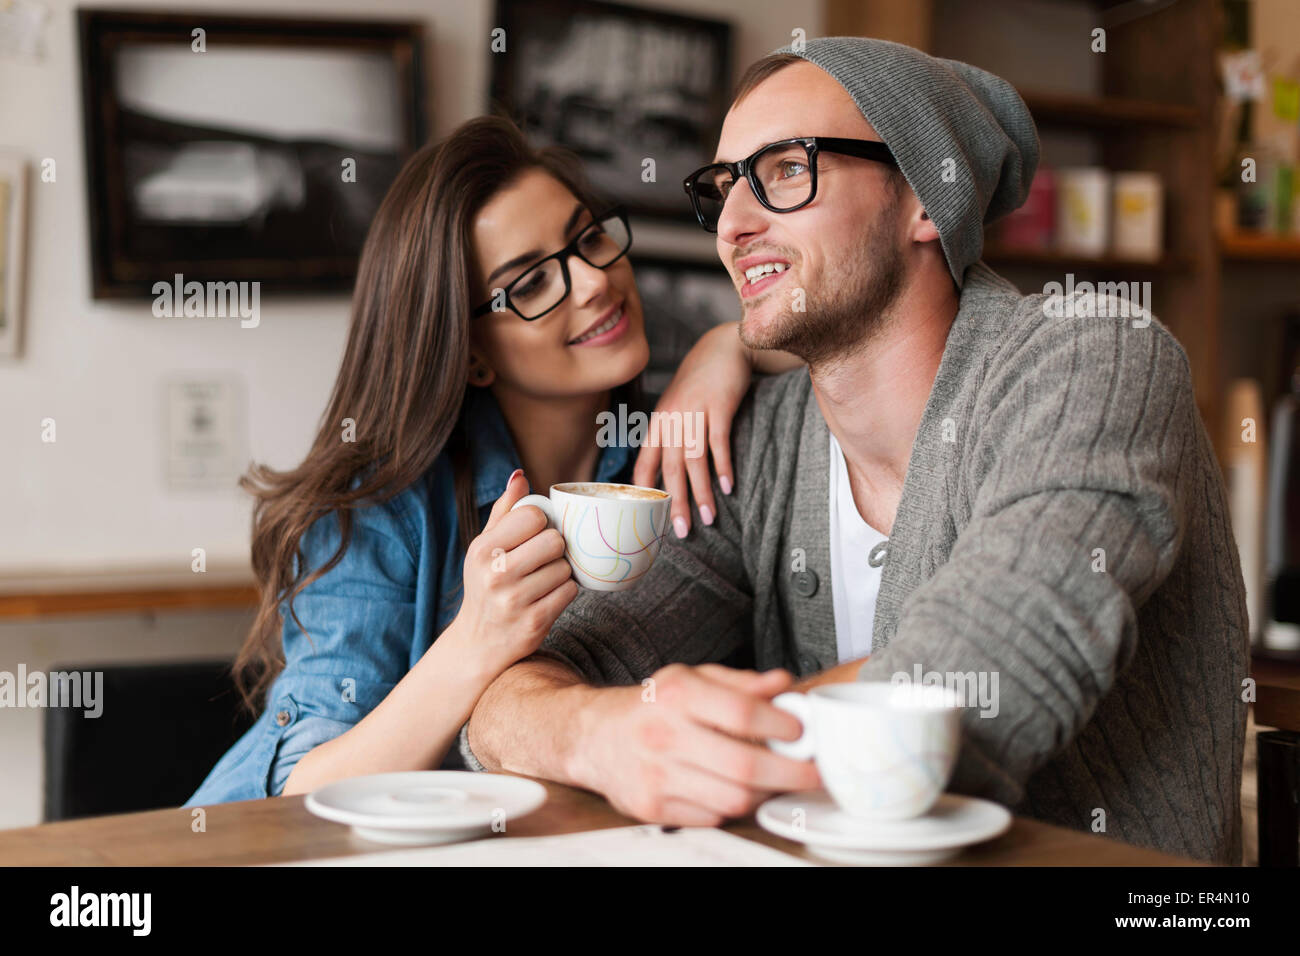 Feliz el hombre y la mujer en el café. Cracovia, Polonia Imagen De Stock